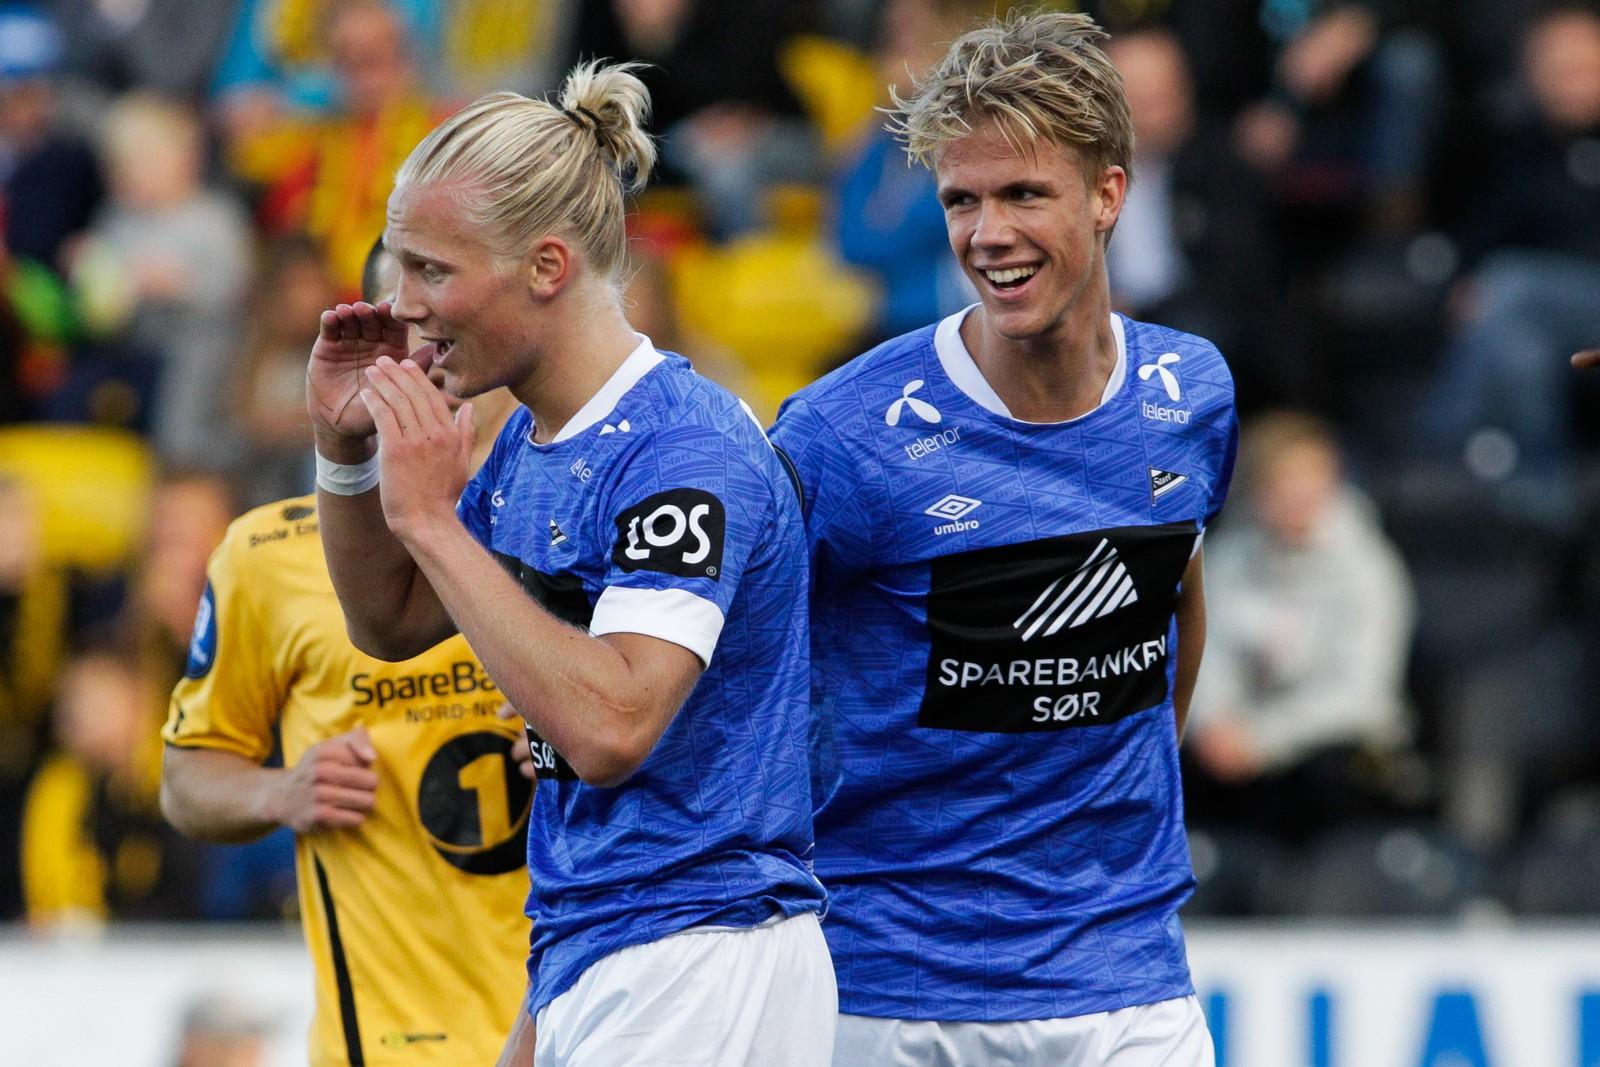 Starts Kristoffer Ajer og Lars Jørgen Salvesen stod for 0-1 scoringen under eliteseriekampen mellom Bodø/Glimt og Start på Aspmyra Stadion.